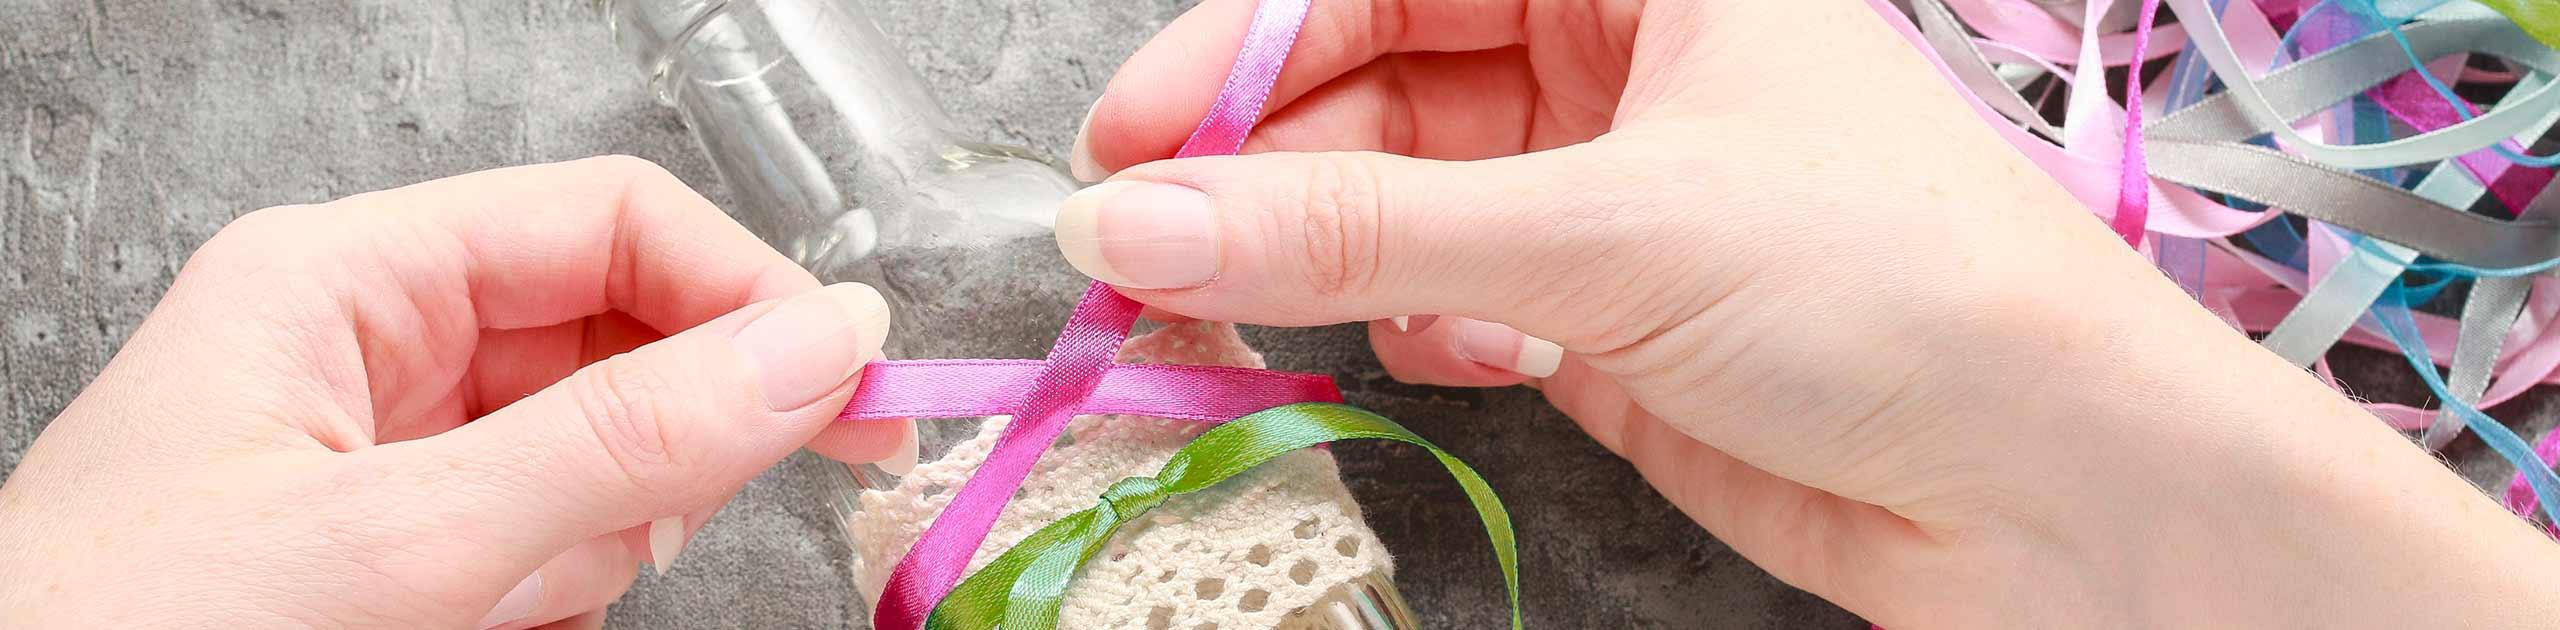 2 Frauenhände binden eine pinke Schleife um eine Flasche. Dort ist bereits eine grüne Schleife befestigt. Im oberen rechten Eck liegen viele verschiedenfarbige Schleifen durcheinander.